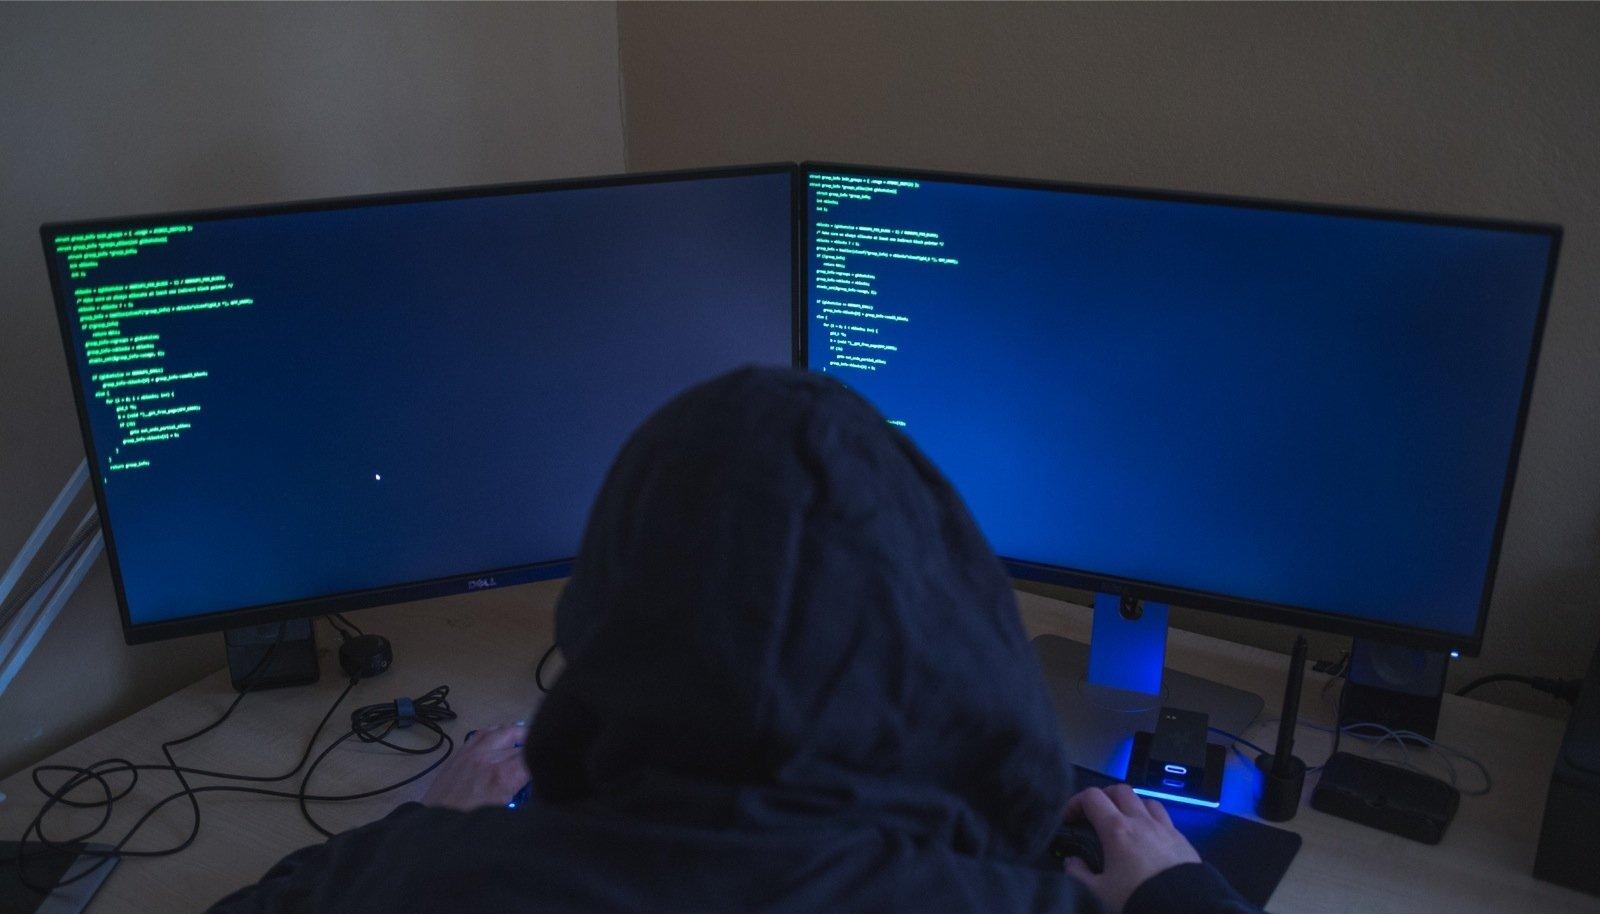 Tänavu on politsei- ja piirivalveameti andmete järgi langenud arvutikelmuste ohvriks 442 inimest, neist 102 juhul on tegemist olnud konkreetsemalt laenudega.